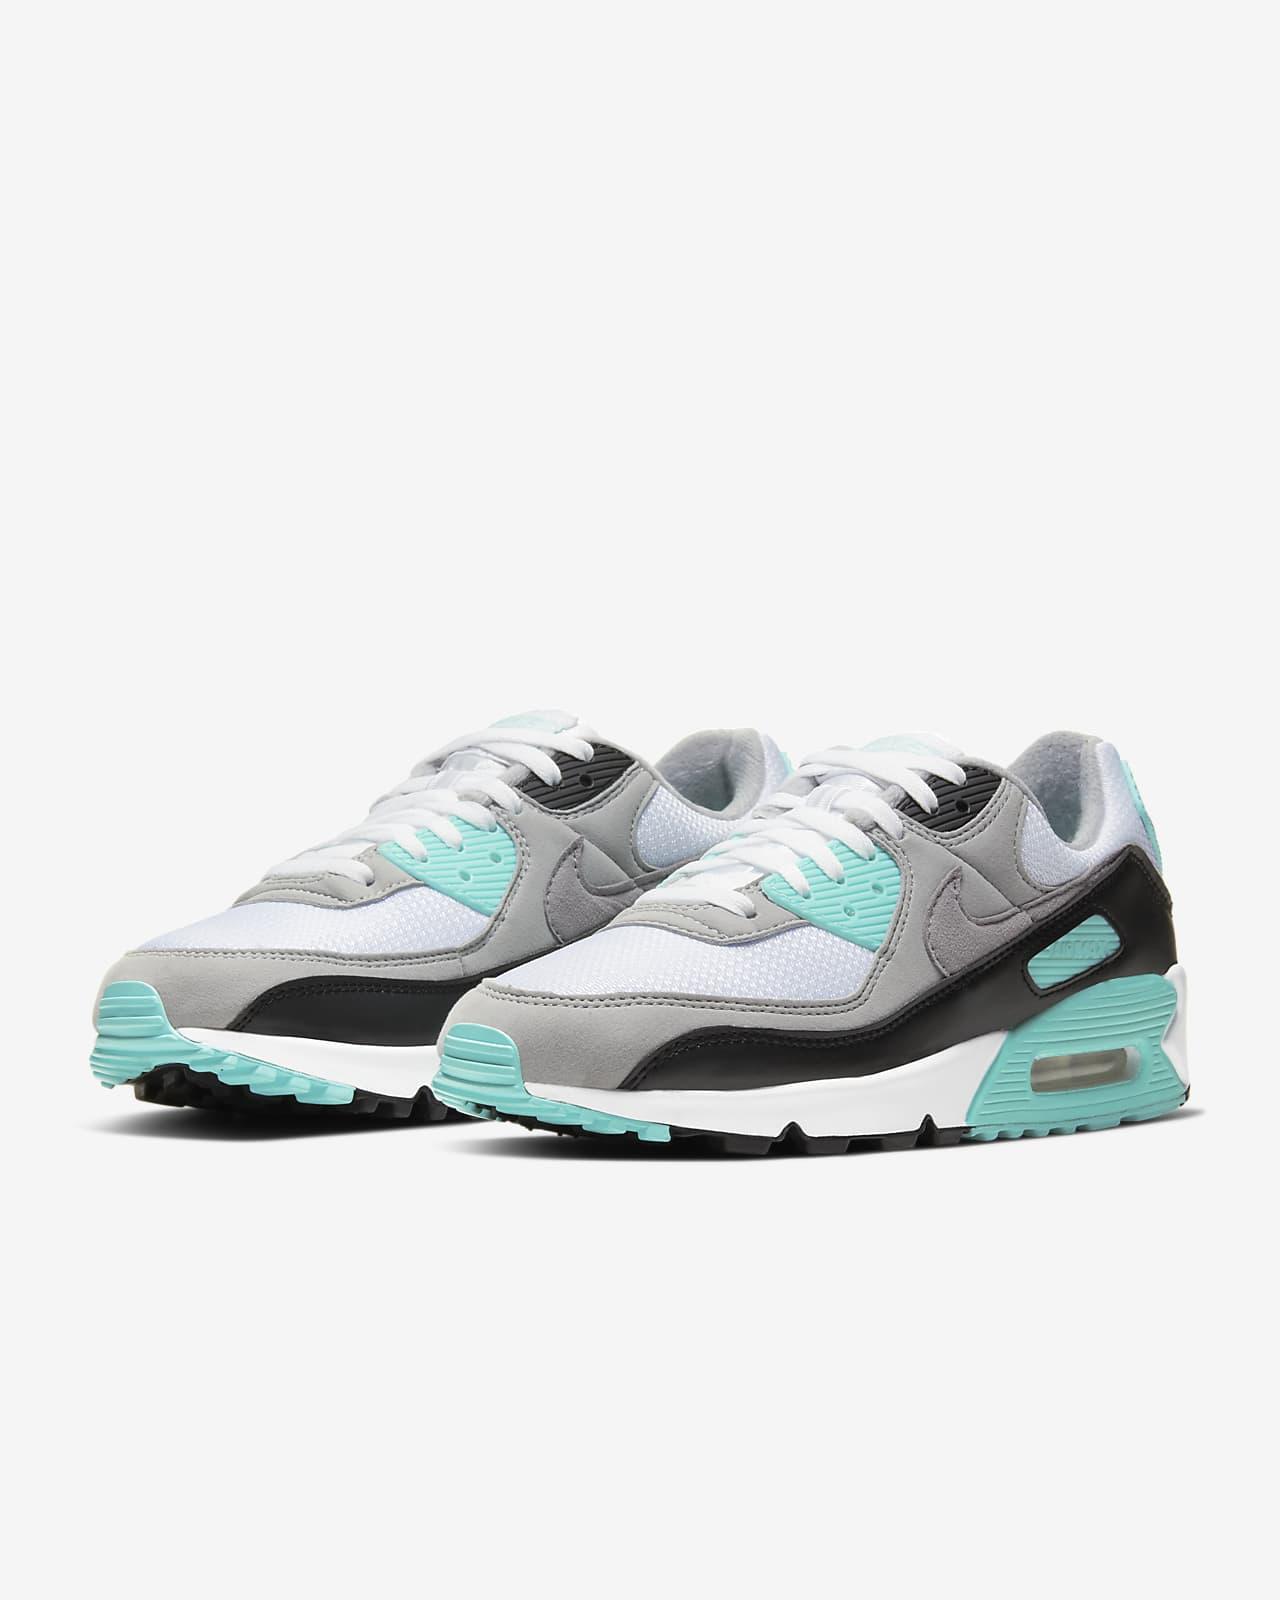 nike zapatos hombre air max 90